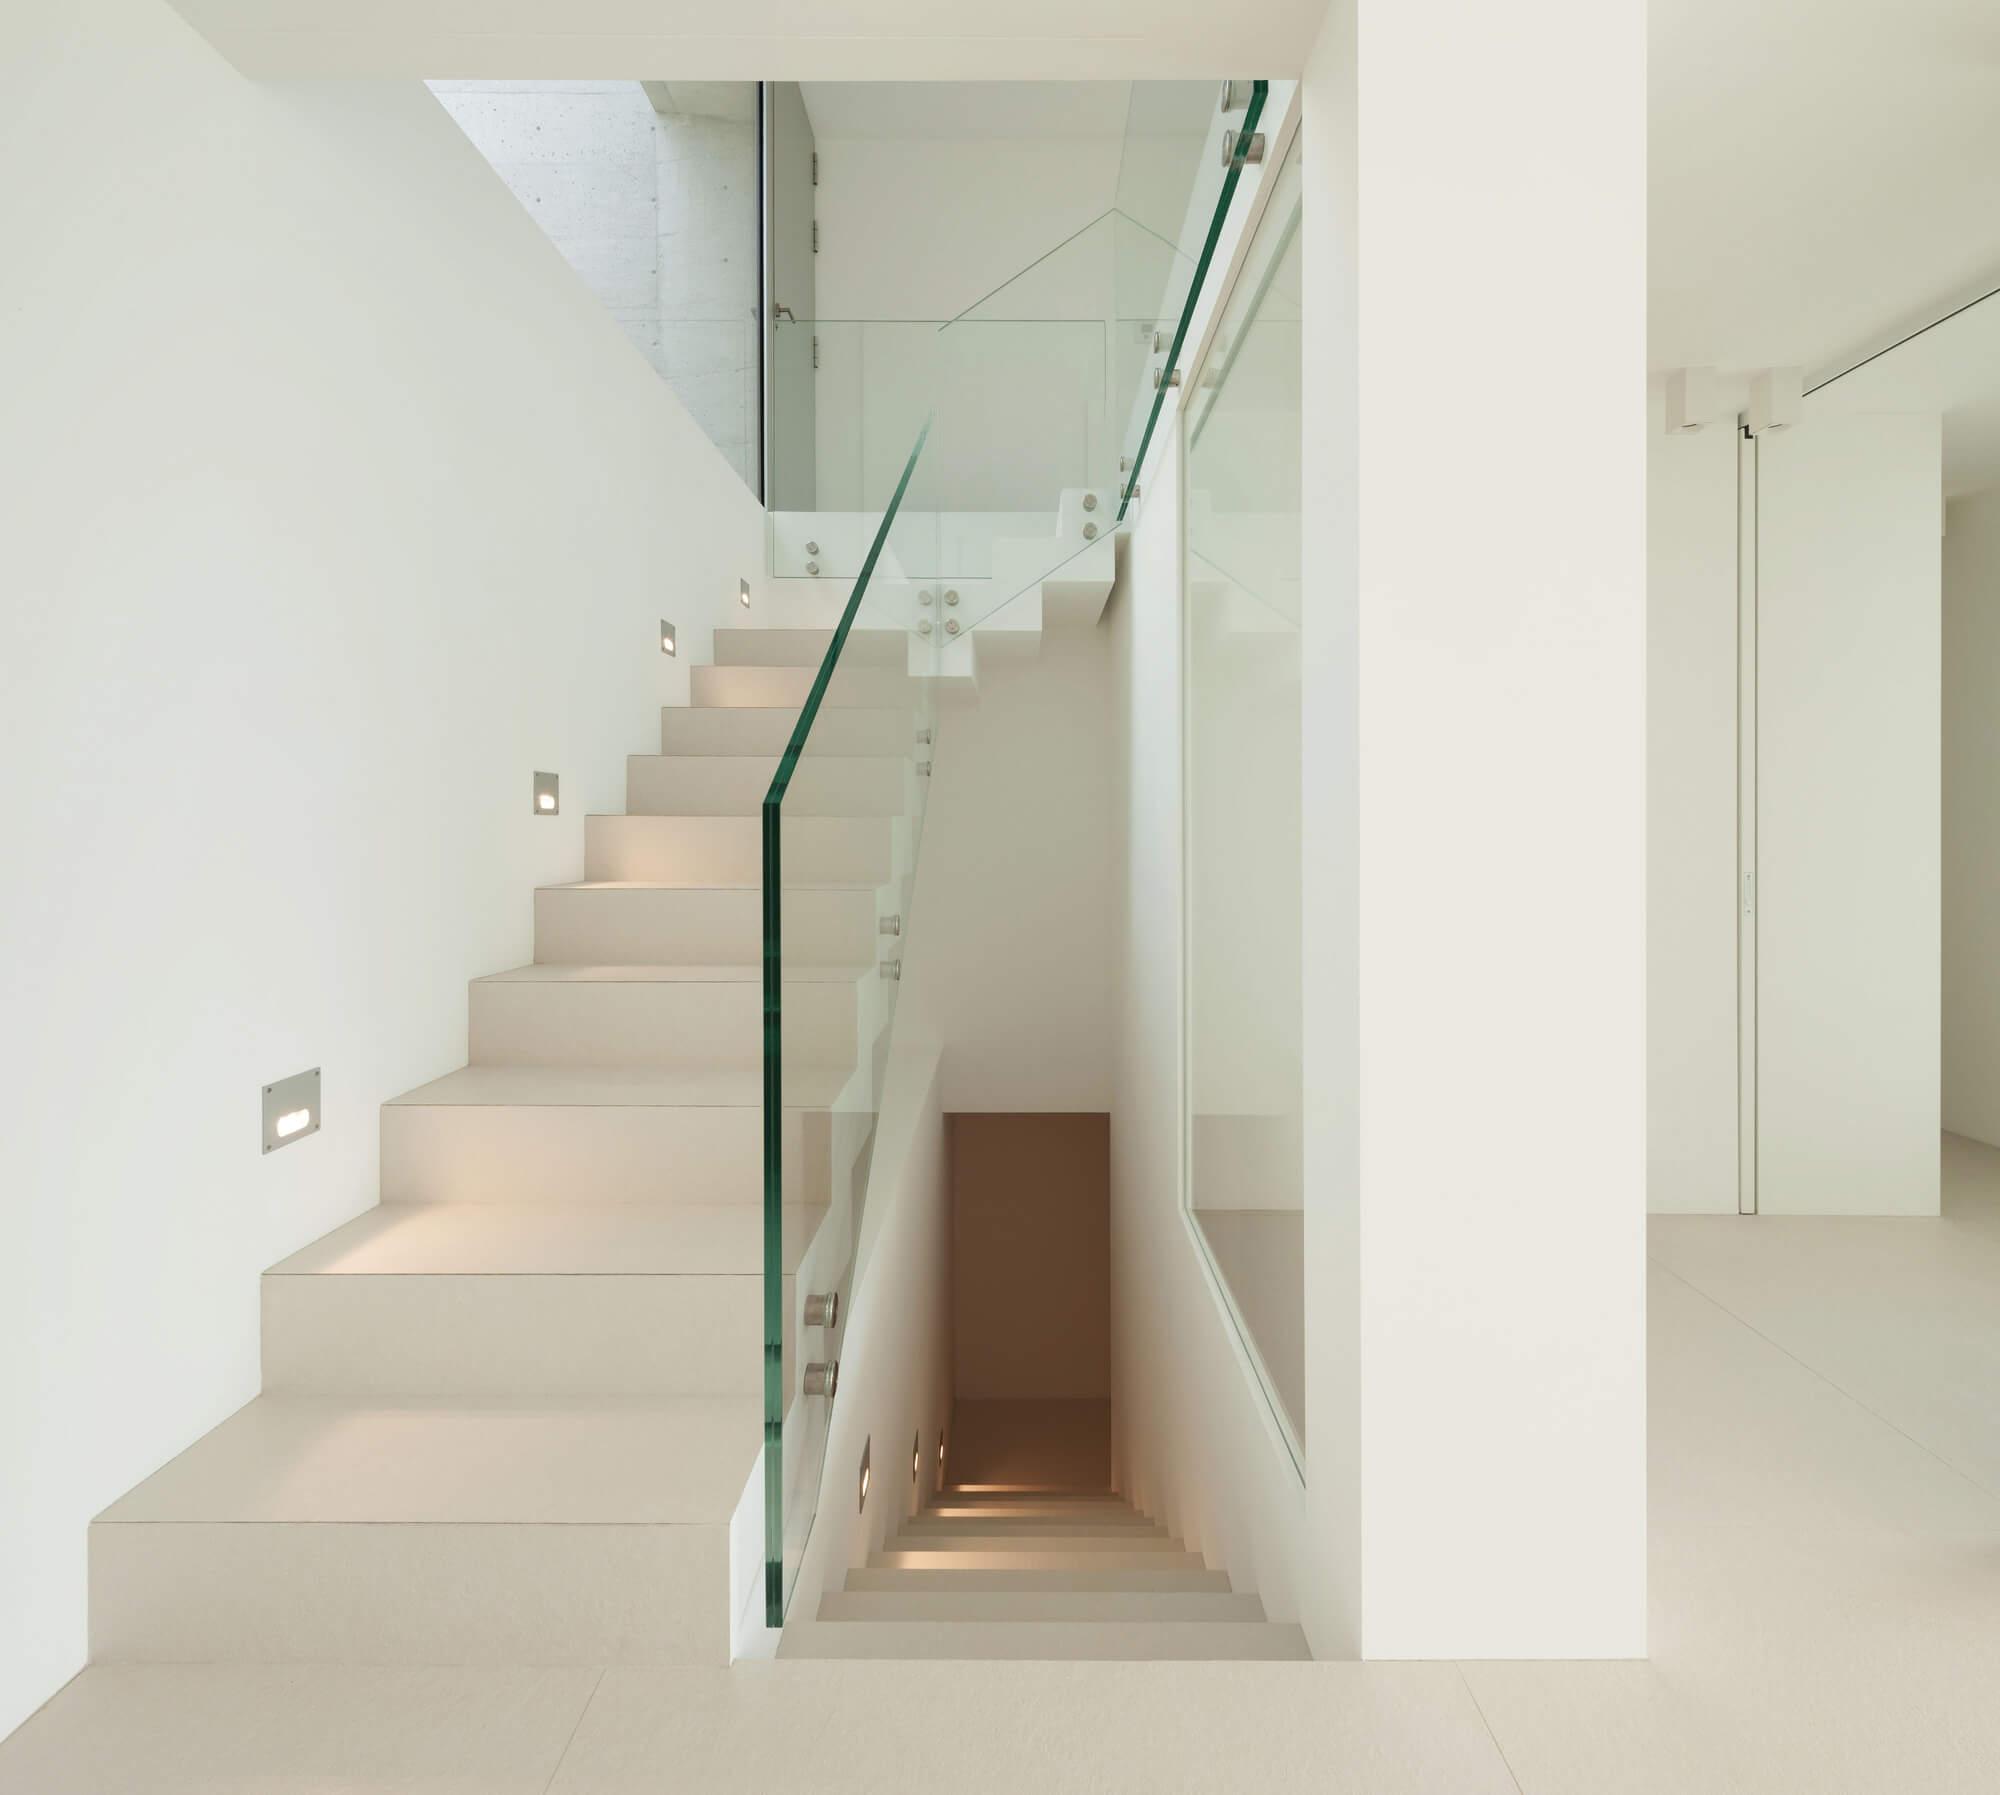 Płytki schodowe wewnętrzne